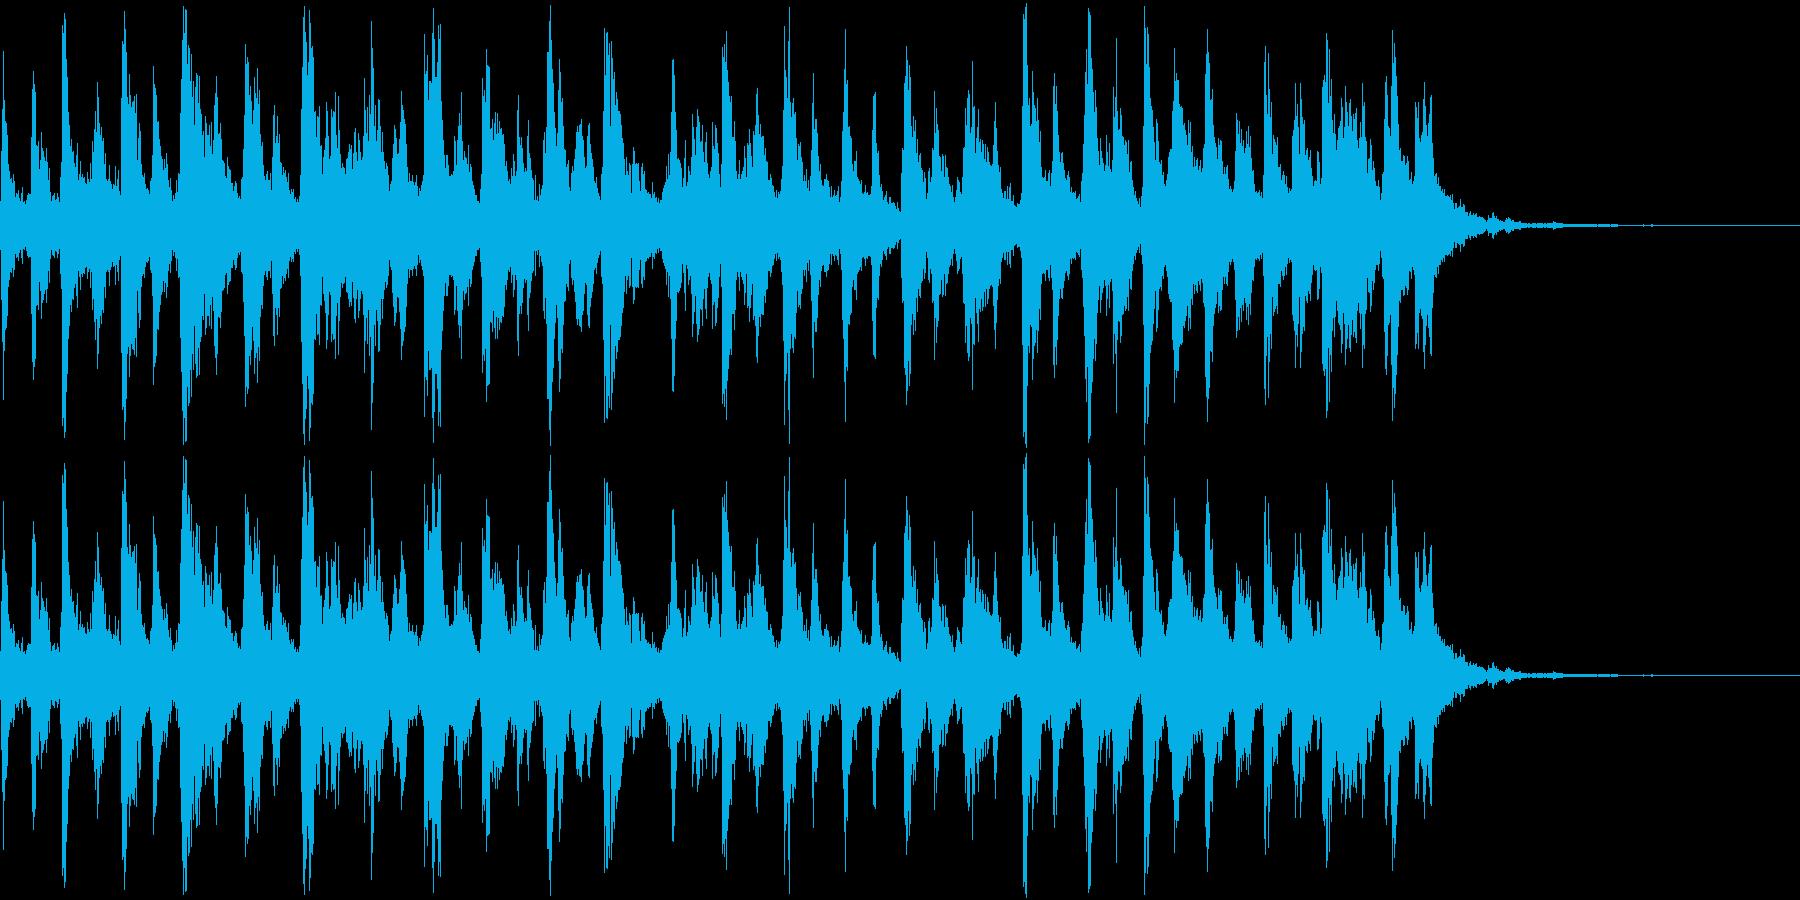 シャンシャンシャン クリスマスの鈴3の再生済みの波形